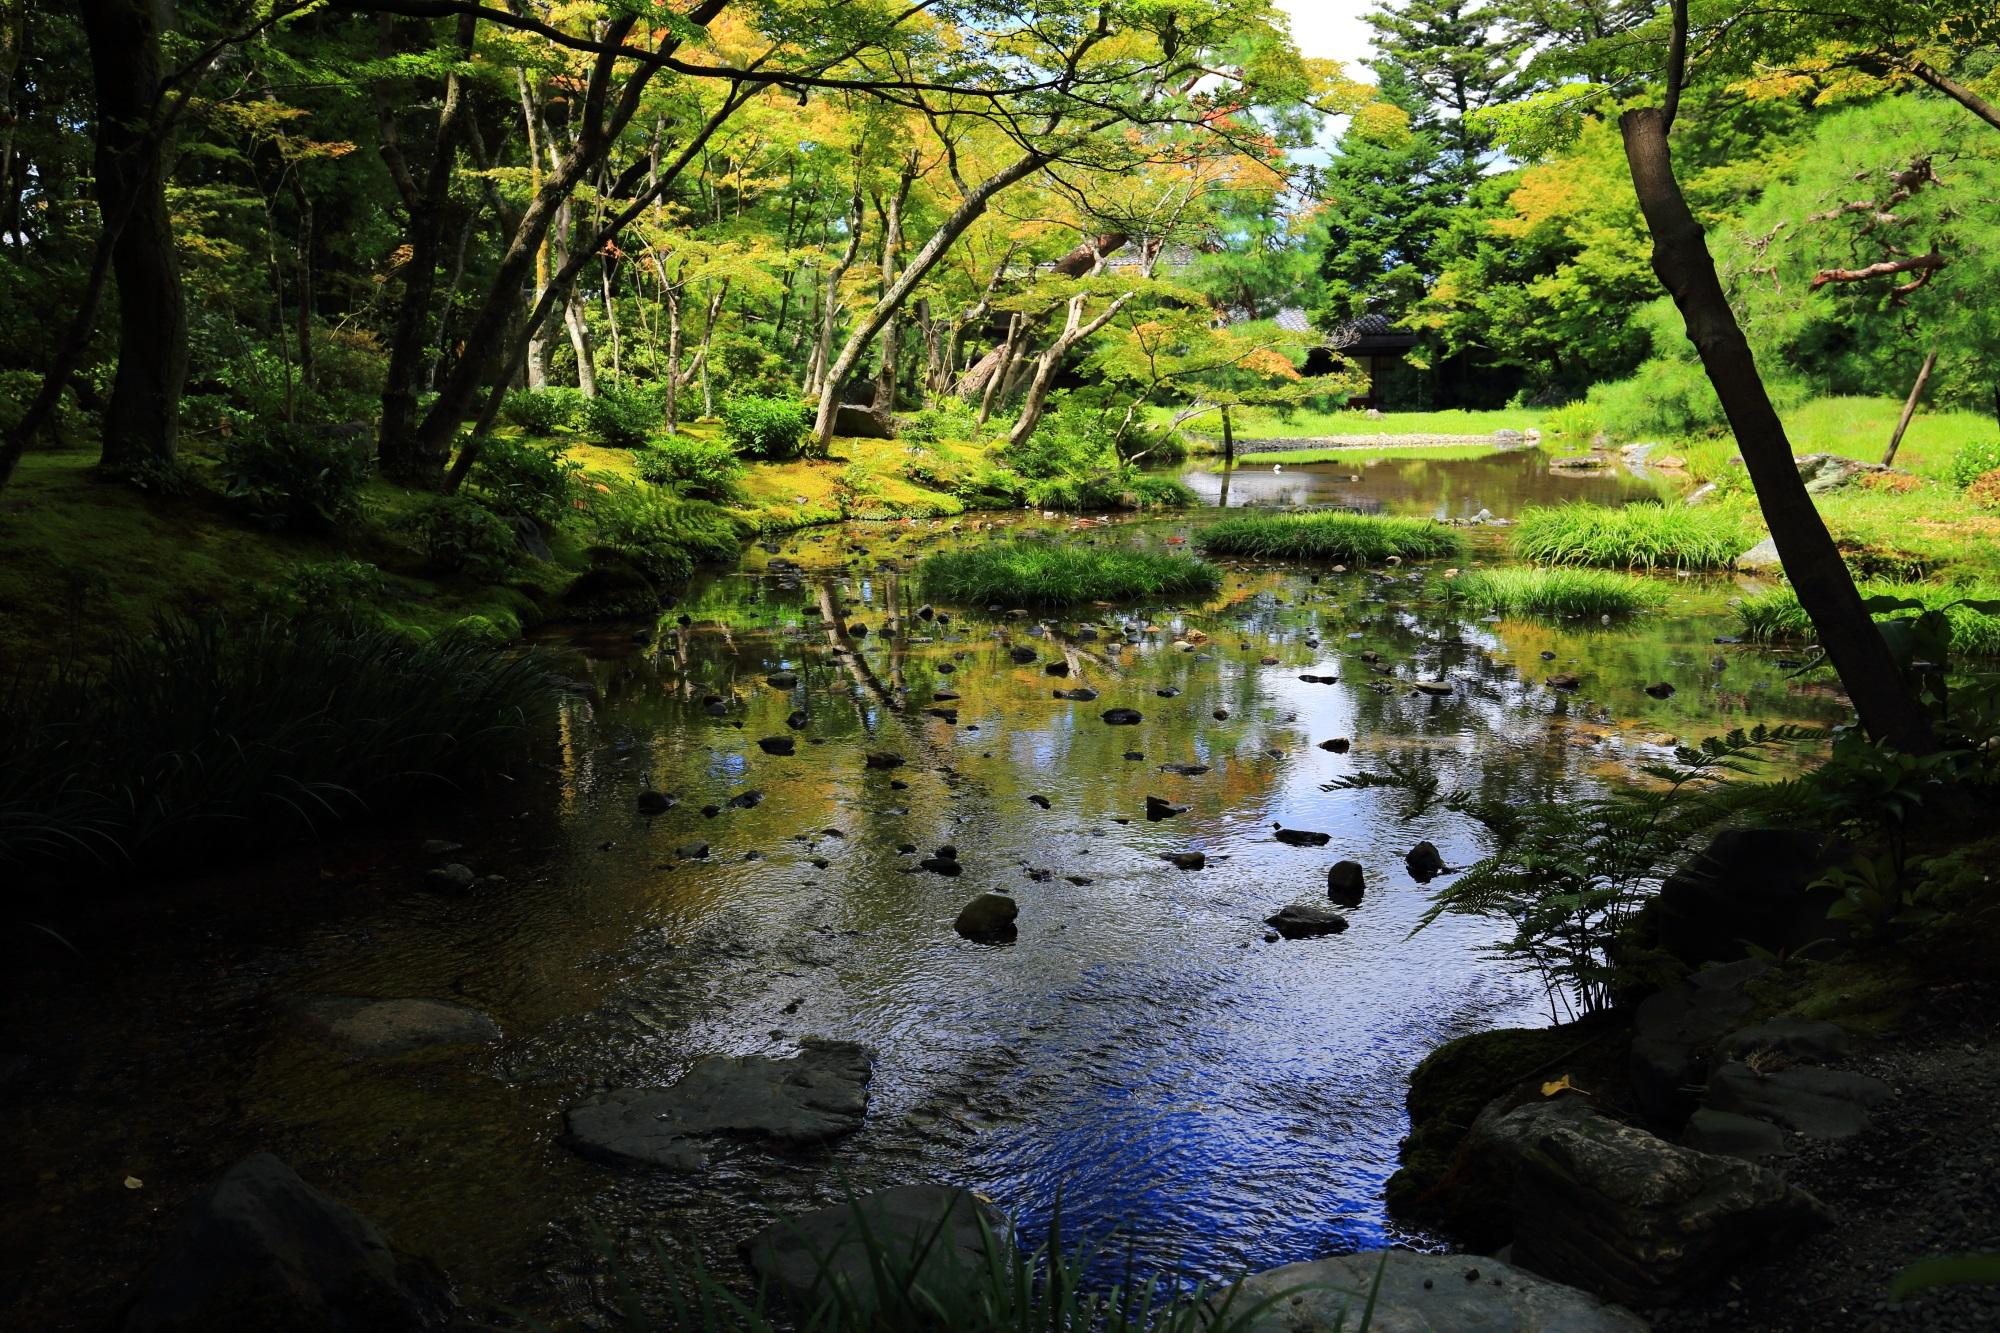 自然が美しい京都無鄰菴(むりんあん)の池泉回遊式庭園